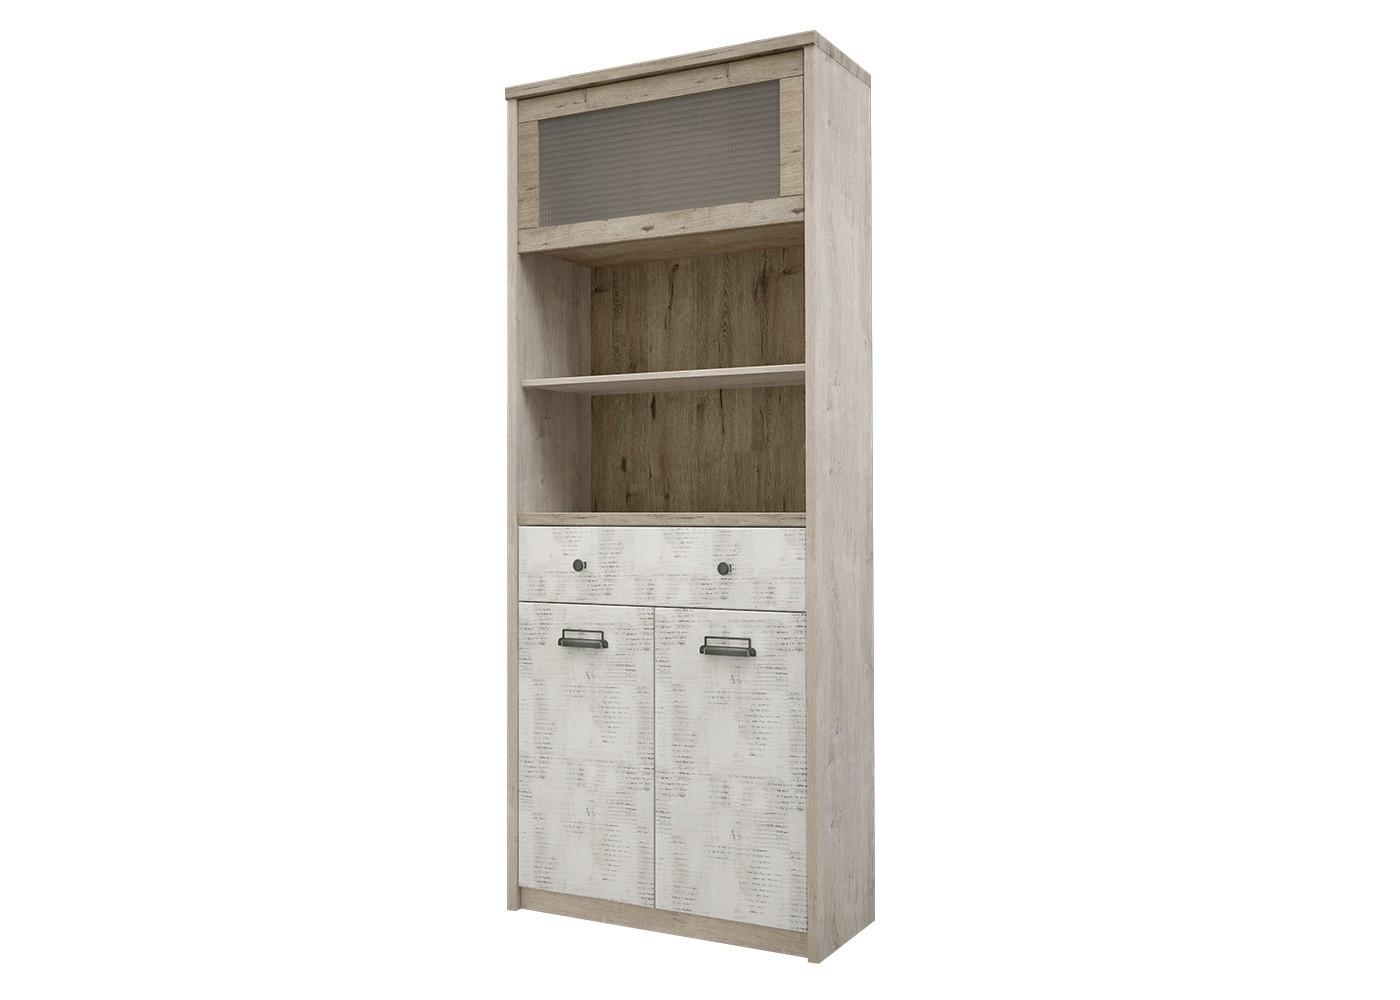 Шкаф DieselКнижные шкафы и библиотеки<br>Коллекция для молодежной комнаты DIESEL- это сочетание функциональности и уникальности дизайна. Характерные ручкив стиле &amp;quot;лофт&amp;quot;, вставки из рифленого стекла, используемого на фасадах витрин, оригинальное сочетание цветов фасадов - всё это дает возможность создать стильный и индивидуальный интерьер.&amp;amp;nbsp;<br><br>Material: ДСП<br>Length см: None<br>Width см: 86<br>Depth см: 36<br>Height см: 210